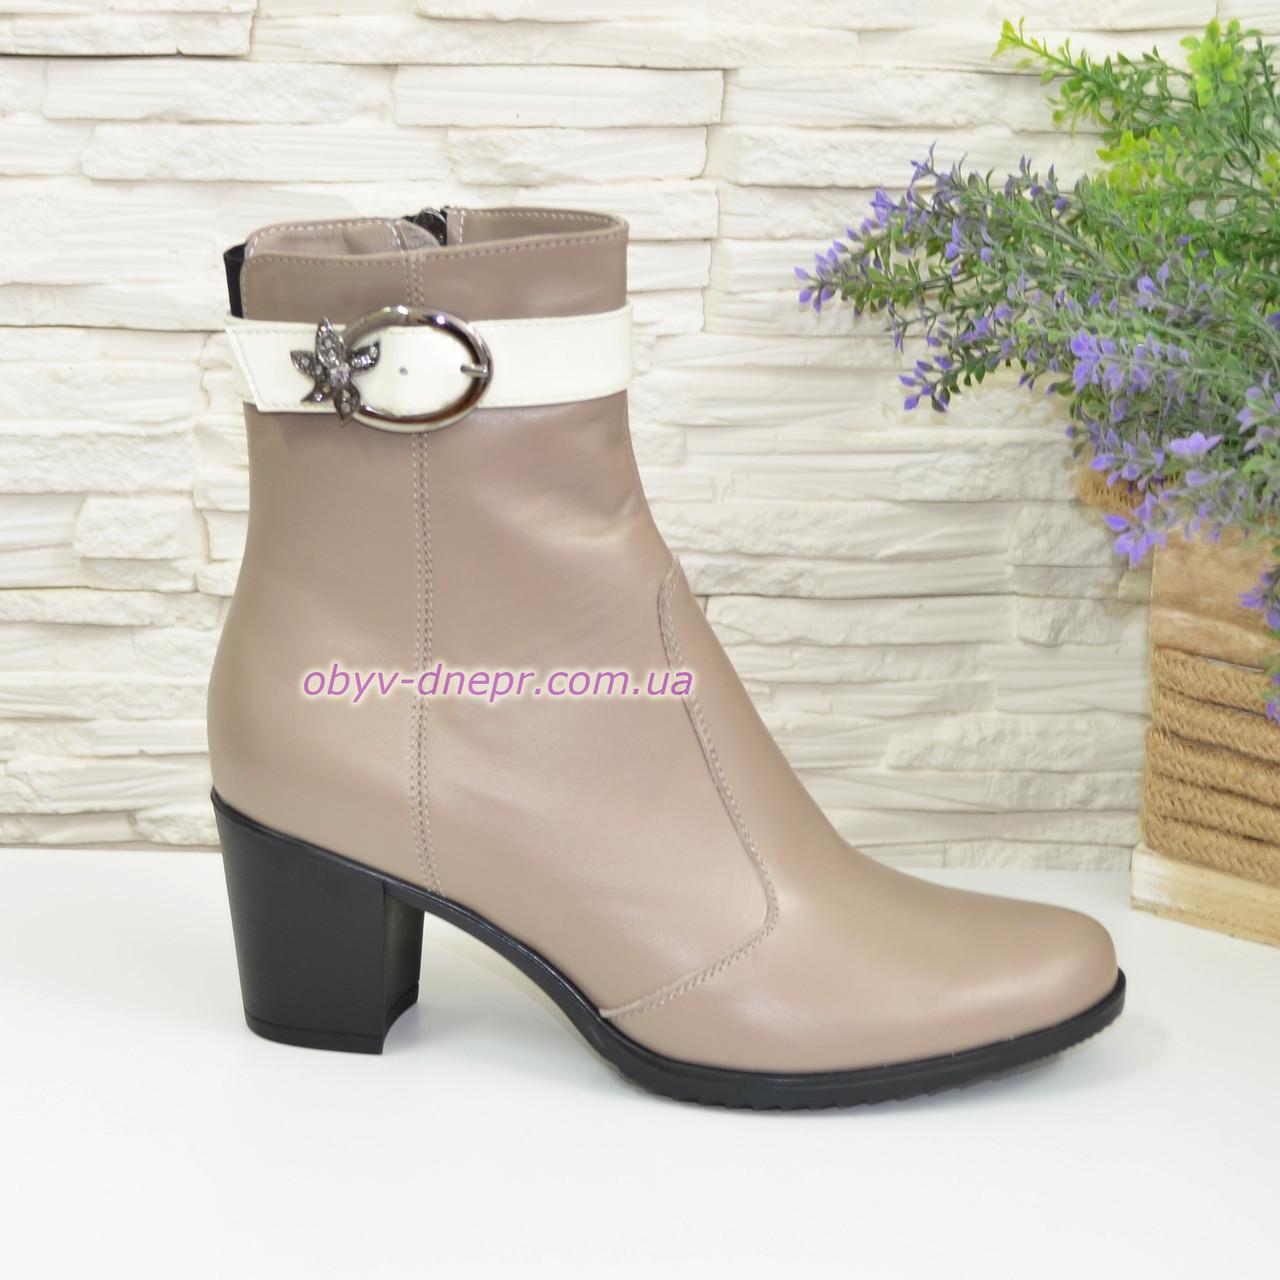 Женские кожаные демисезонные ботинки, цвет визон/беж